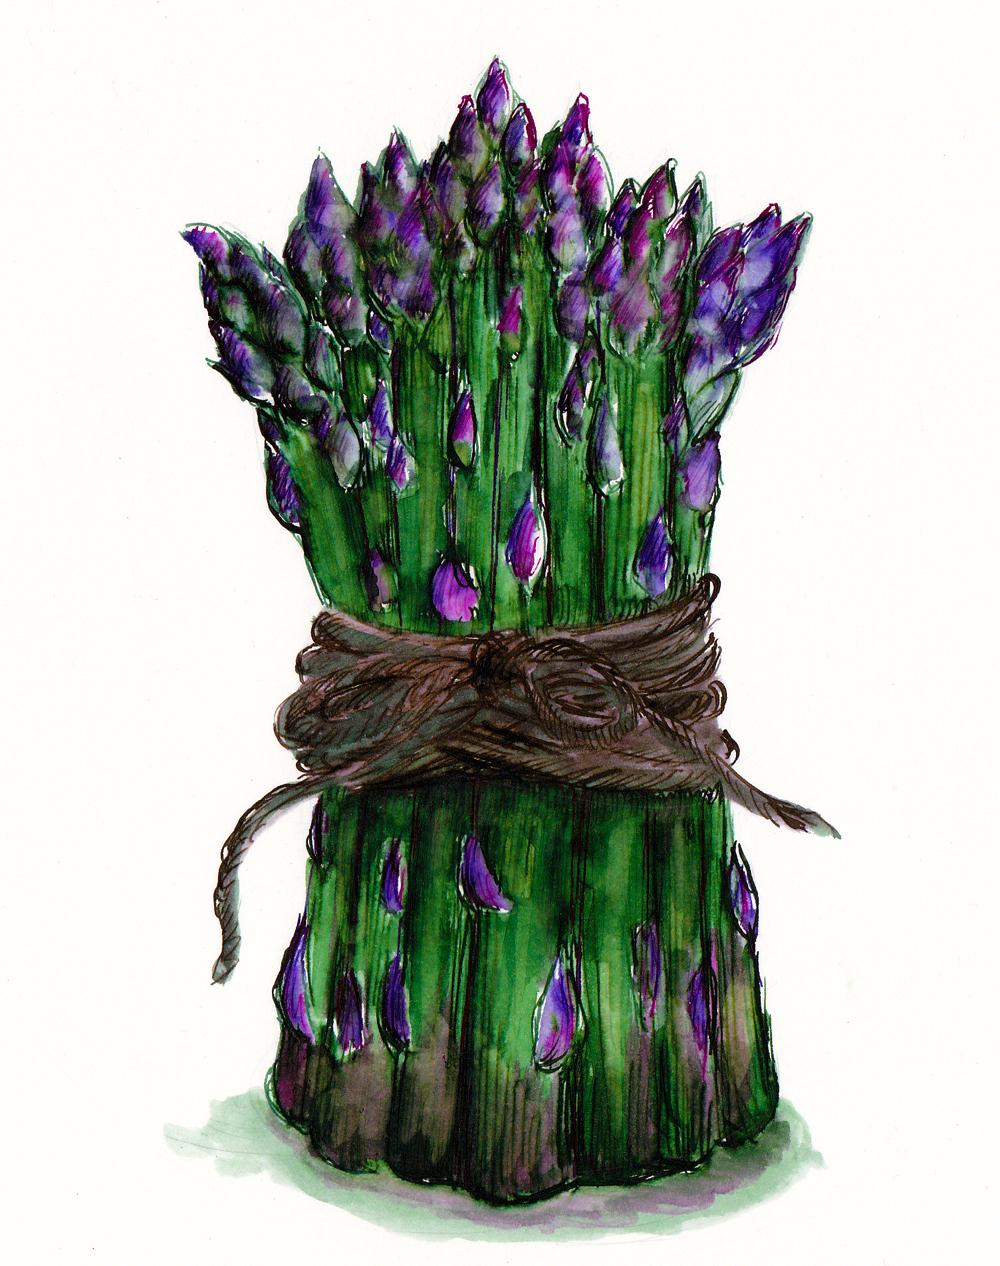 <b>Asparagus</b>